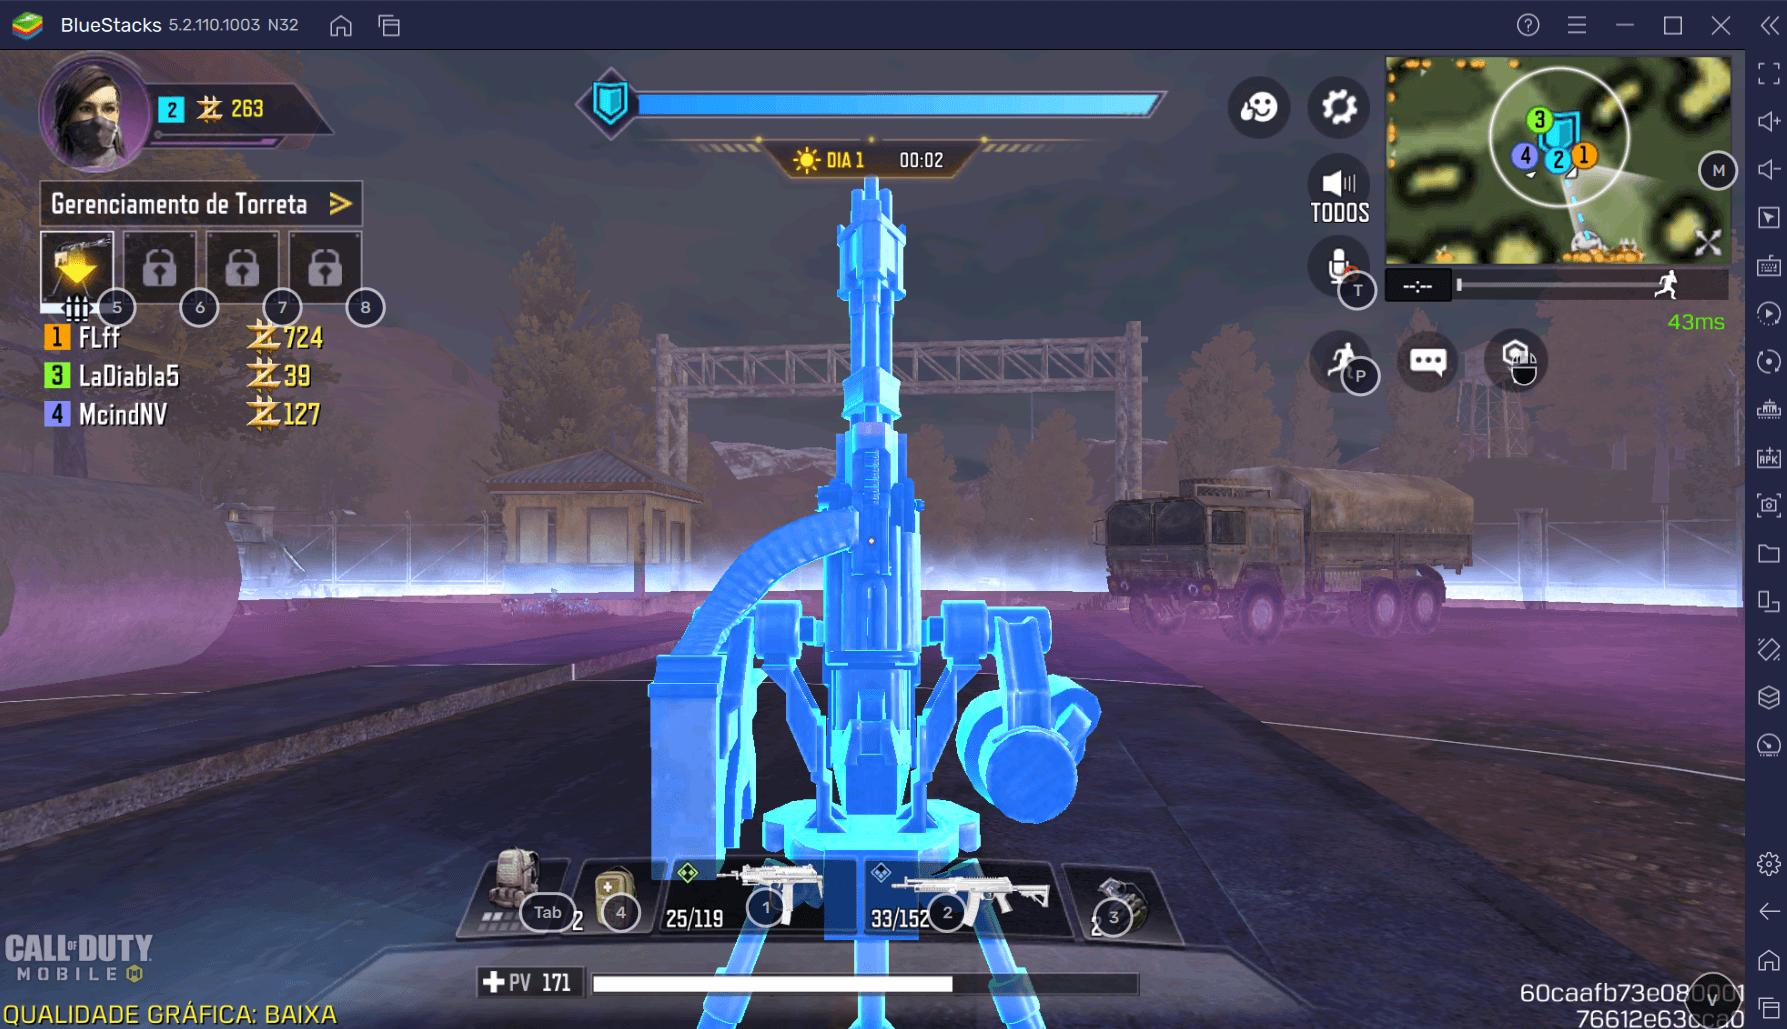 Como sobreviver ao Cerco Zumbi e desbloquear Richtofen Transformado em Call of Duty: Mobile